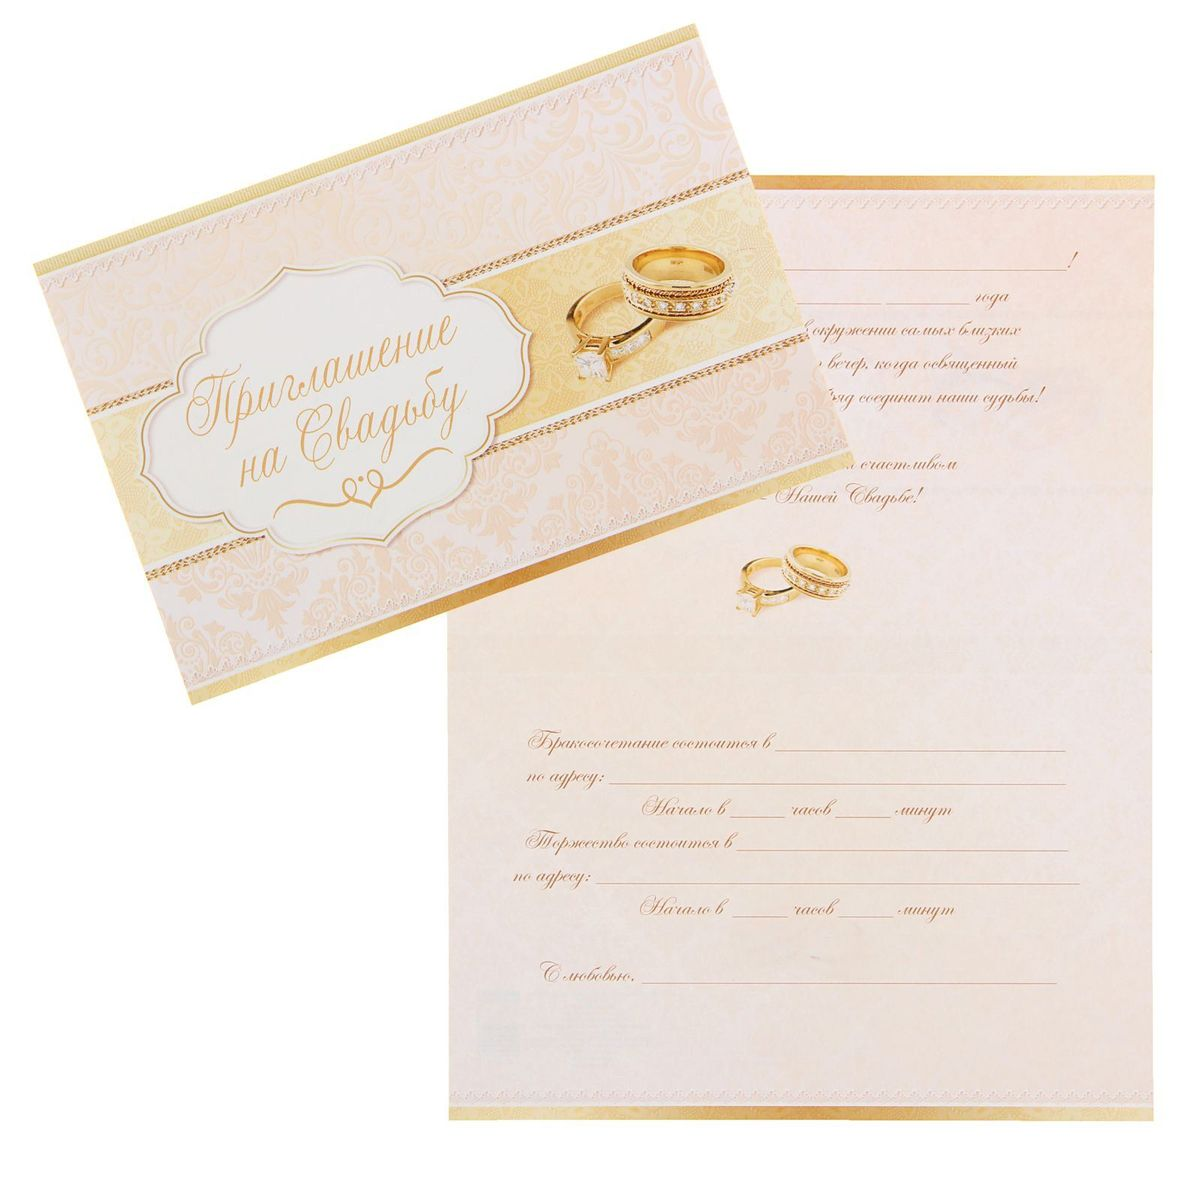 Приглашение на свадьбу Sima-land Свадебная классика, 18 х 12 см1333772Свадьба - одно из главных событий в жизни каждого человека. Для идеального торжества необходимо продумать каждую мелочь. Родным и близким будет приятно получить индивидуальную красивую открытку с эксклюзивным дизайном.